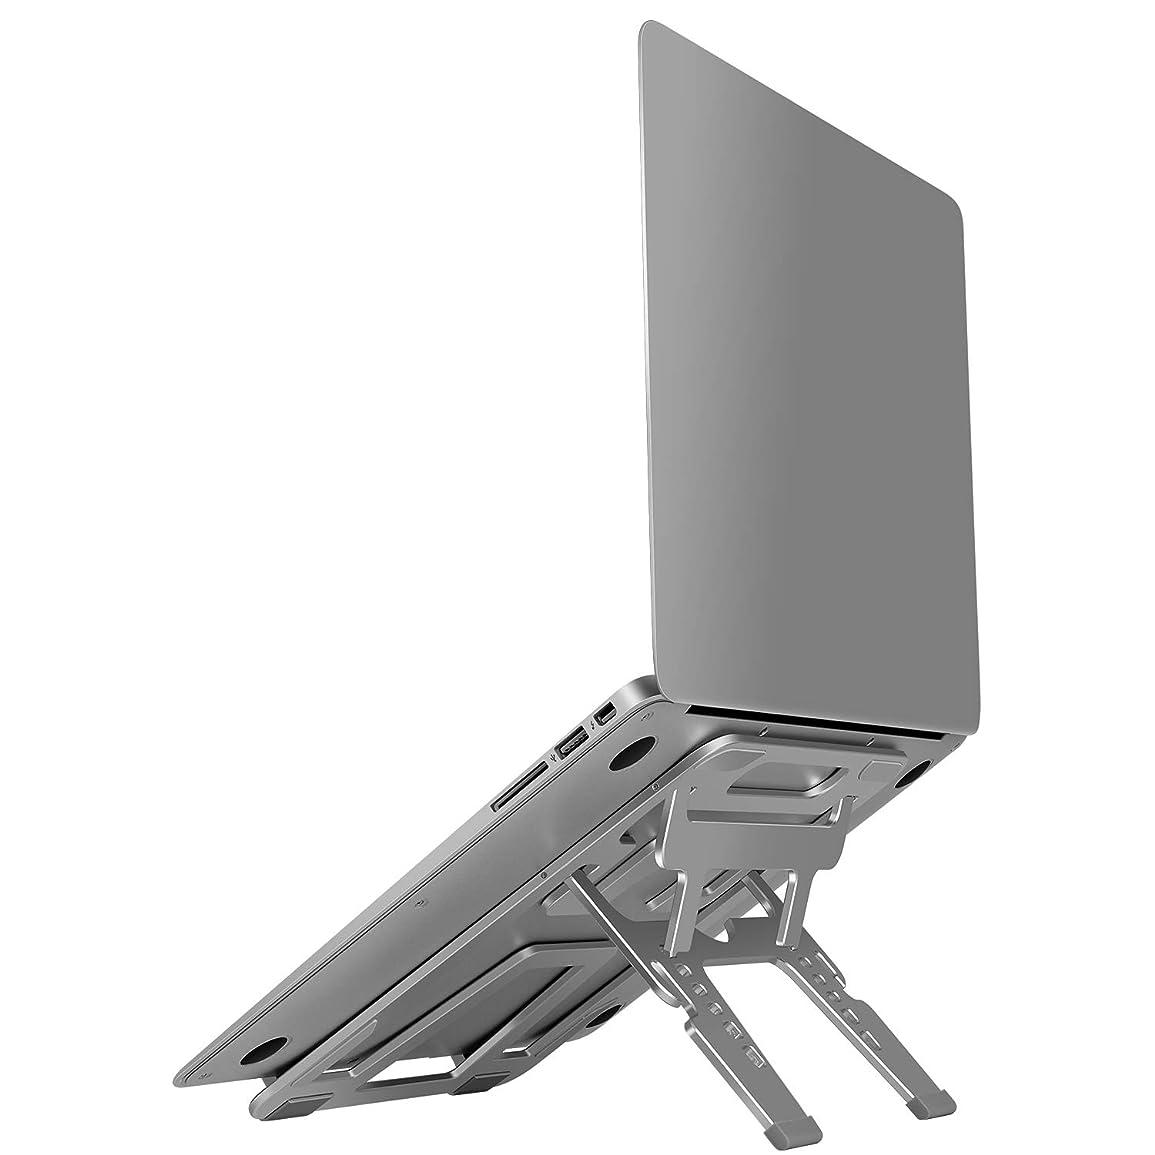 賠償創傷ブラザーLEYOYO ノートパソコンスタンド PC スタンド 折りたたみ 軽量 持ち運び 角度調整 肩こり防止 猫背防止 高品質アルミ合金製 Macbook/Macbook Air/Macbook Pro/iPad/ノートPC/タブレットなど17インチまでに対応